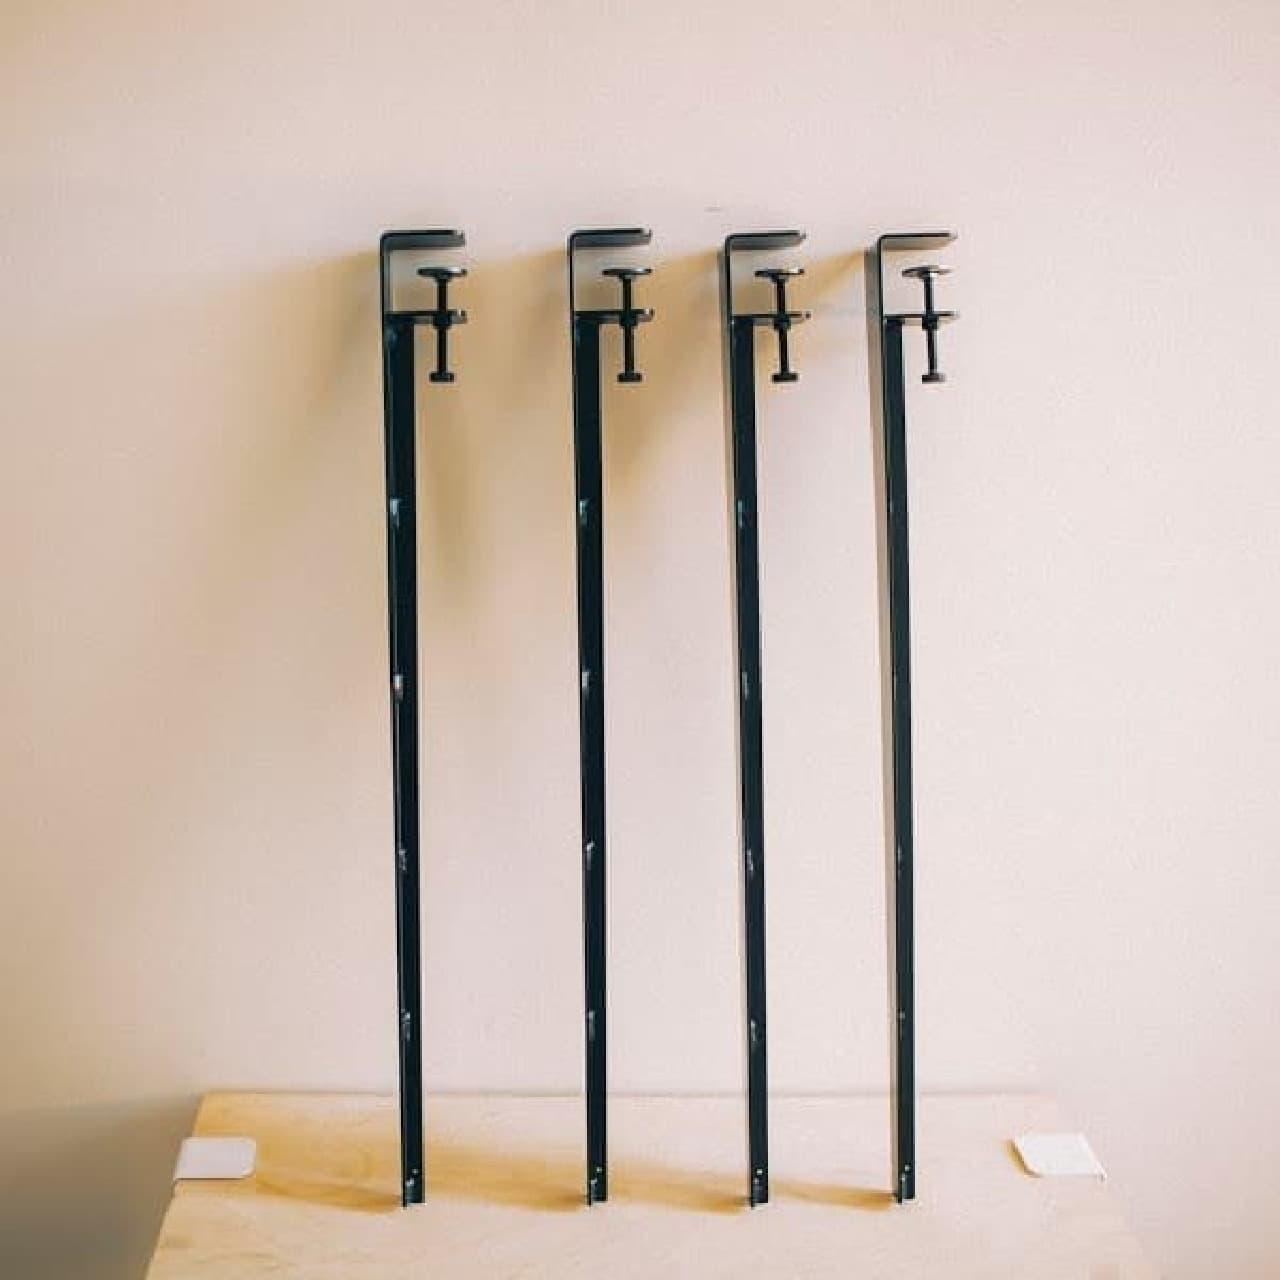 クランプで簡単に取り付け/取り外しができるテーブル脚「Floyd Leg」